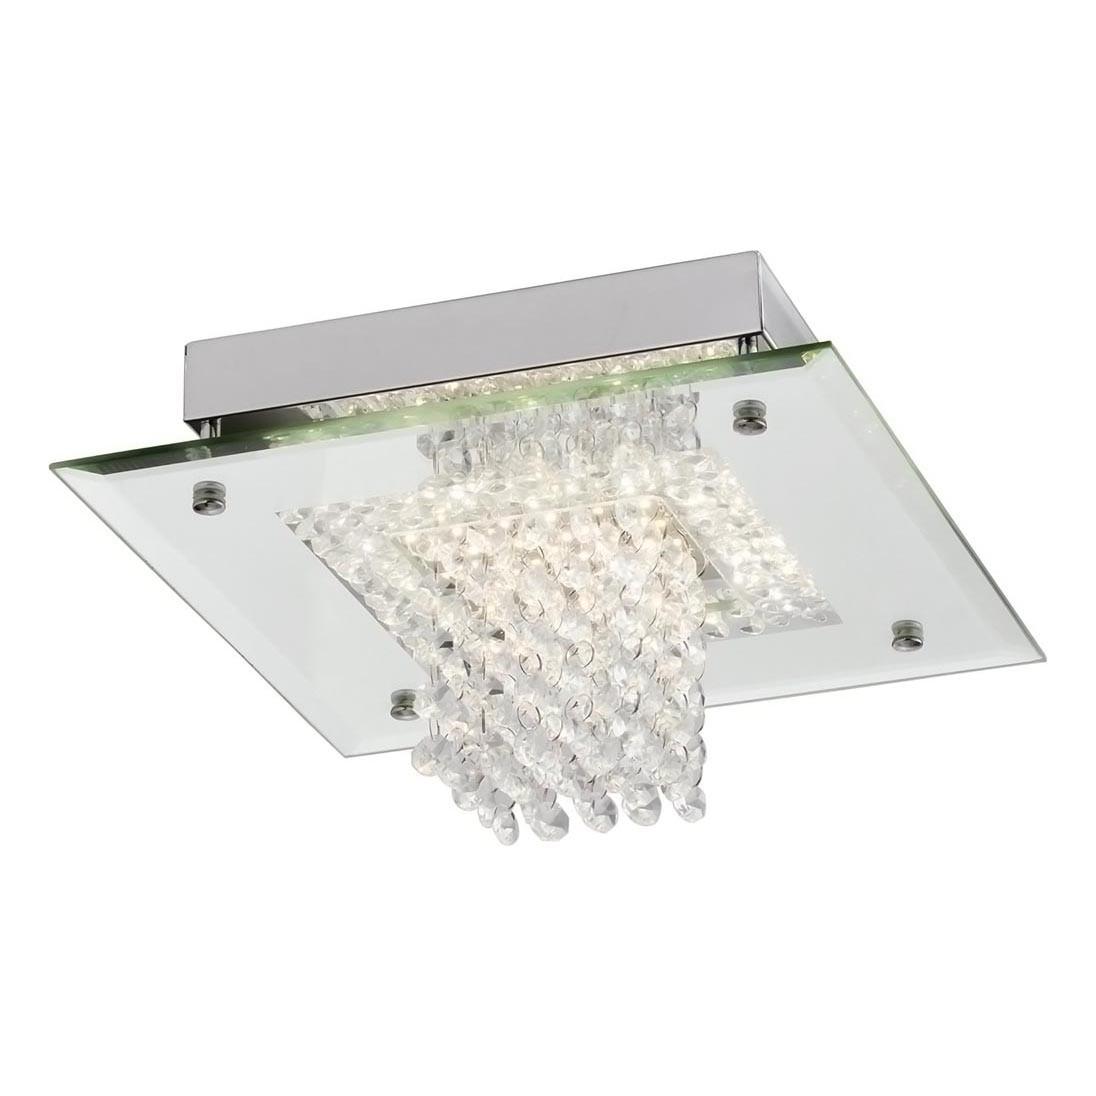 Plafon Cristal Dijon Cromado Sobrepor LED 12W 4000K 28x28cm QPL883